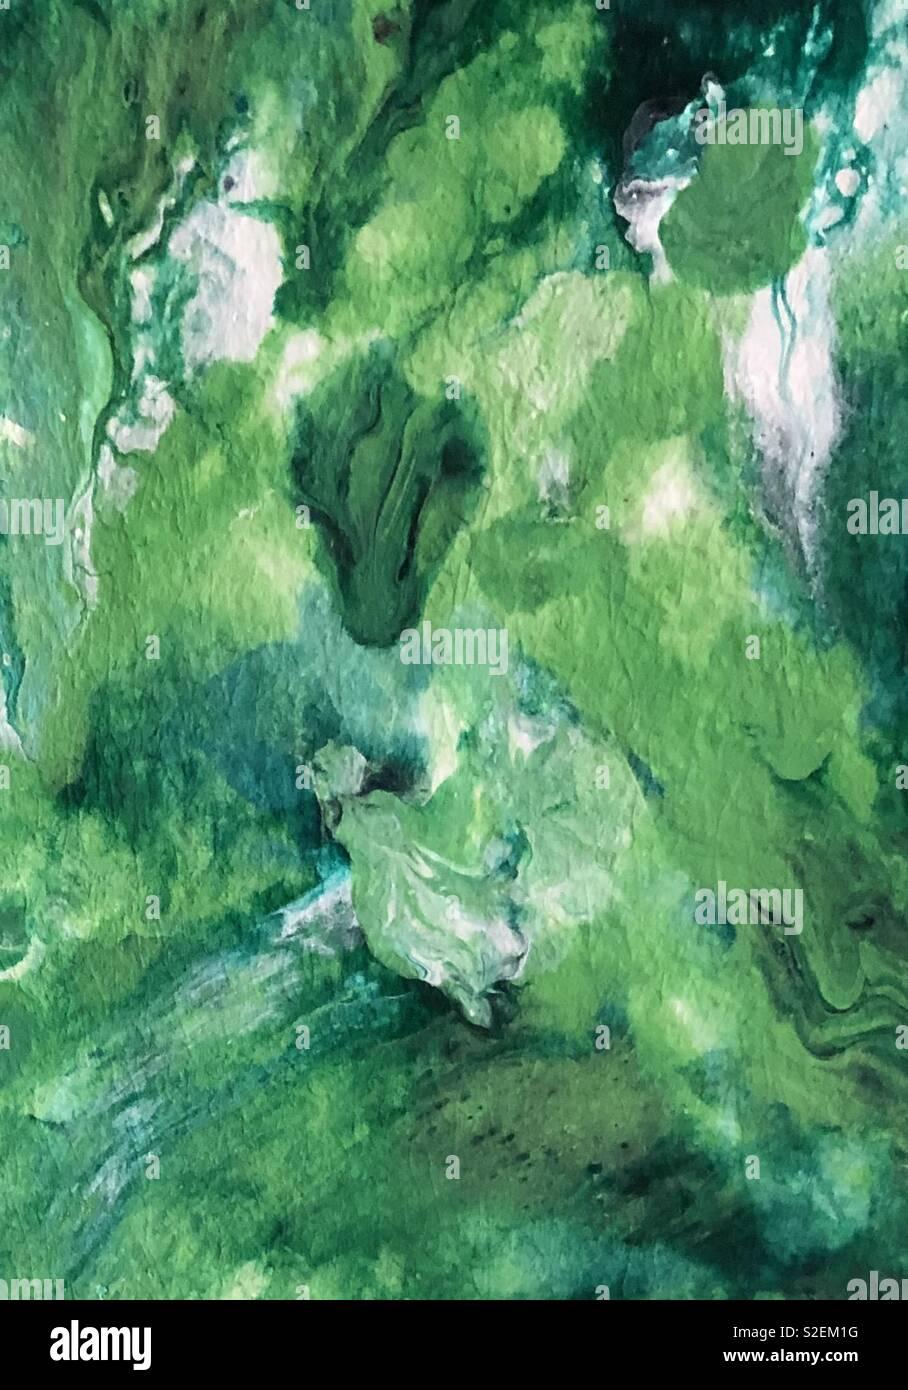 Verdes vibrantes pintura abstracta para copiar y fondos del espacio Foto de stock